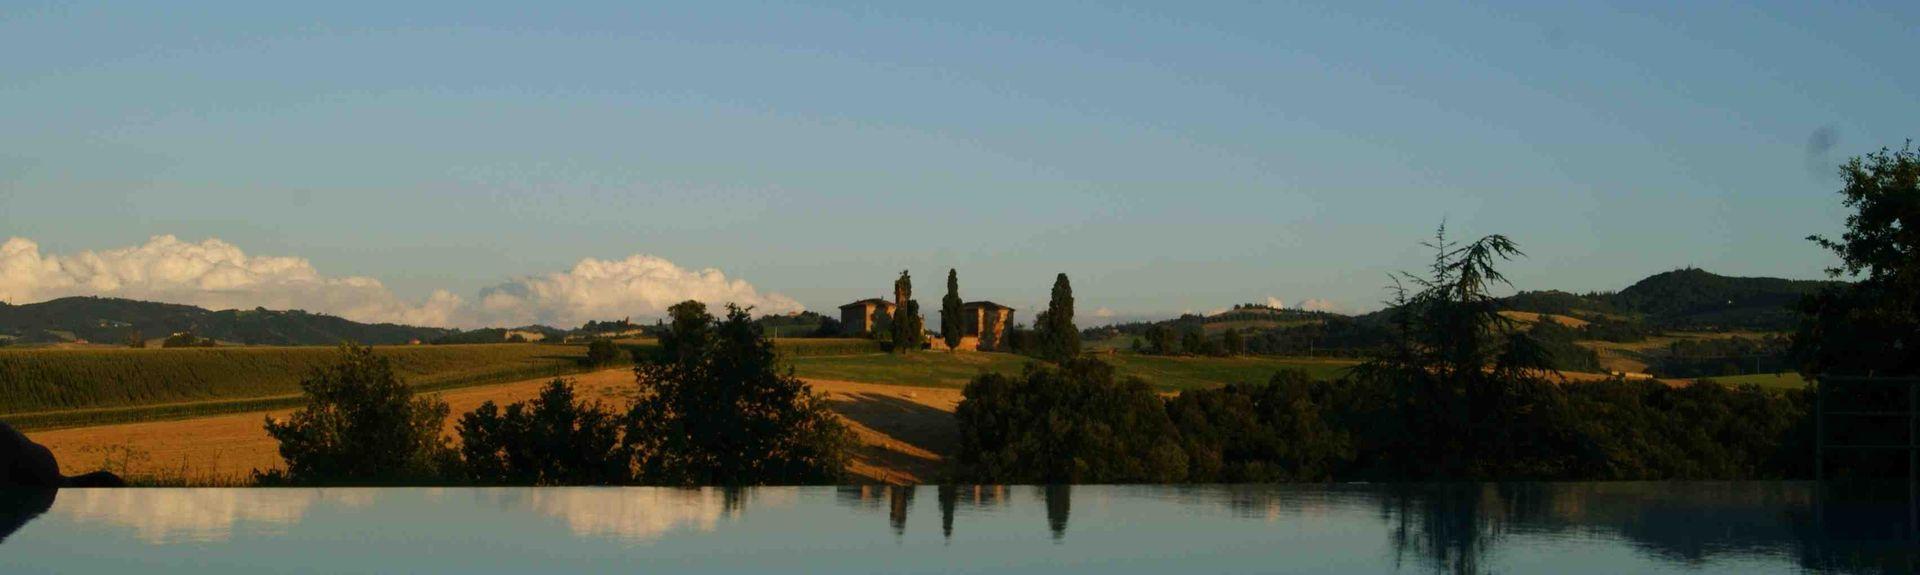 Modena, Modène, Émilie-Romagne, Italie